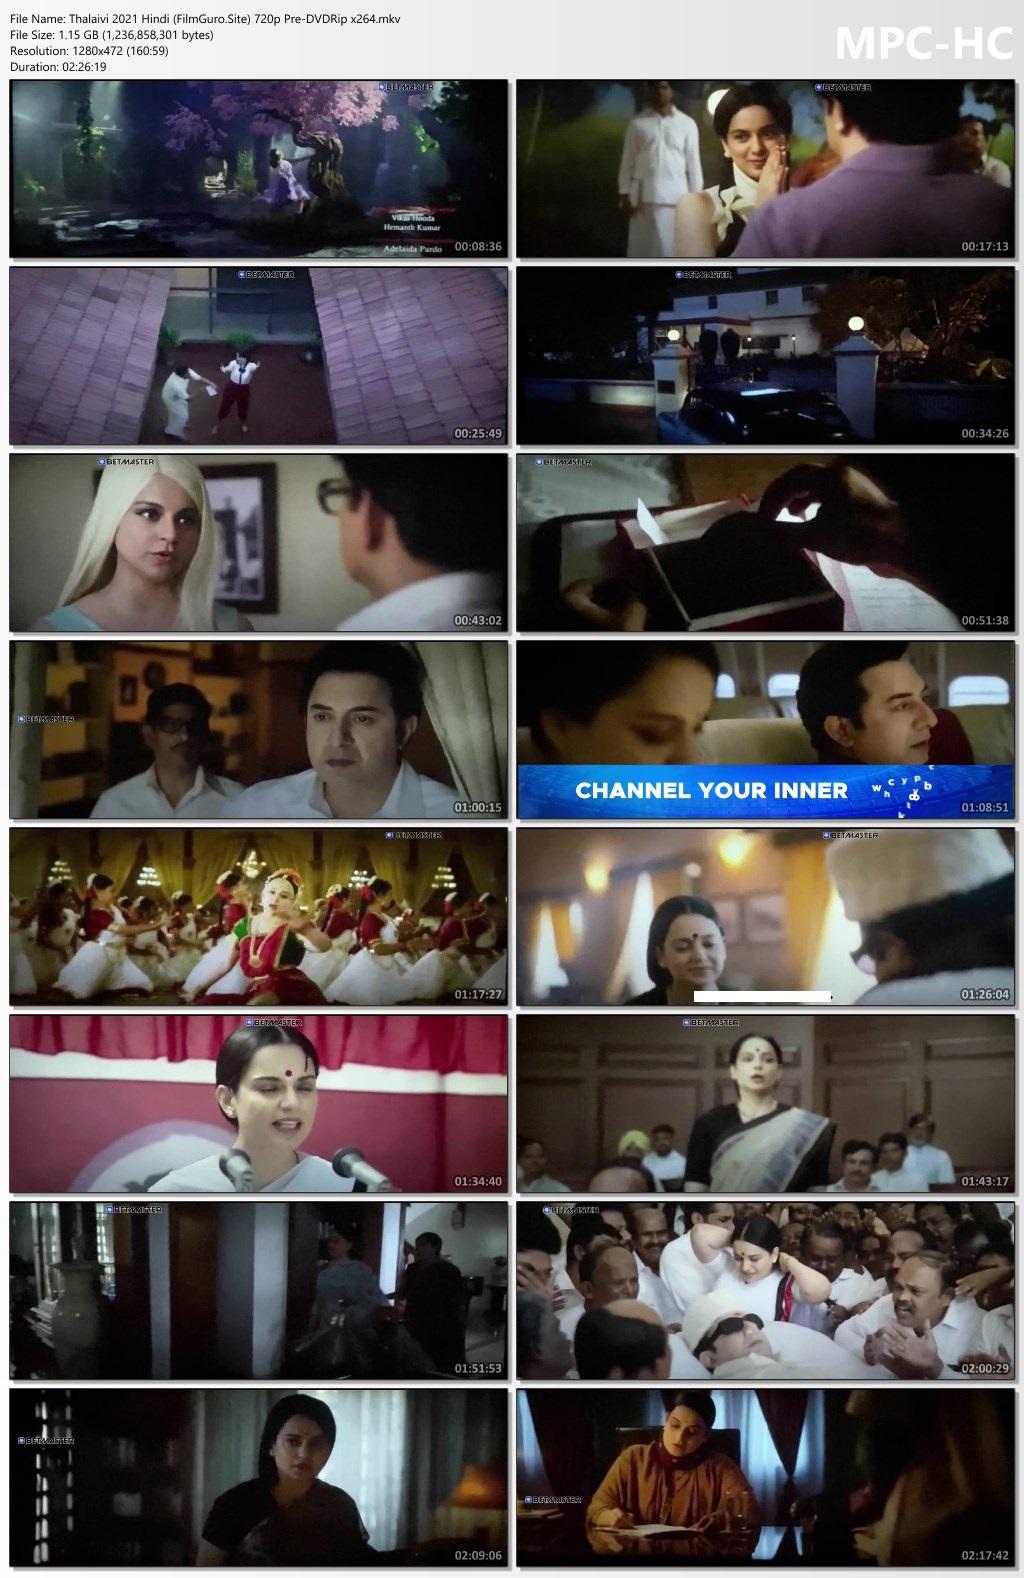 Thalaivi-2021-Hindi-Film-Guro-Site-720p-Pre-DVDRip-x264-mkv-thumbs